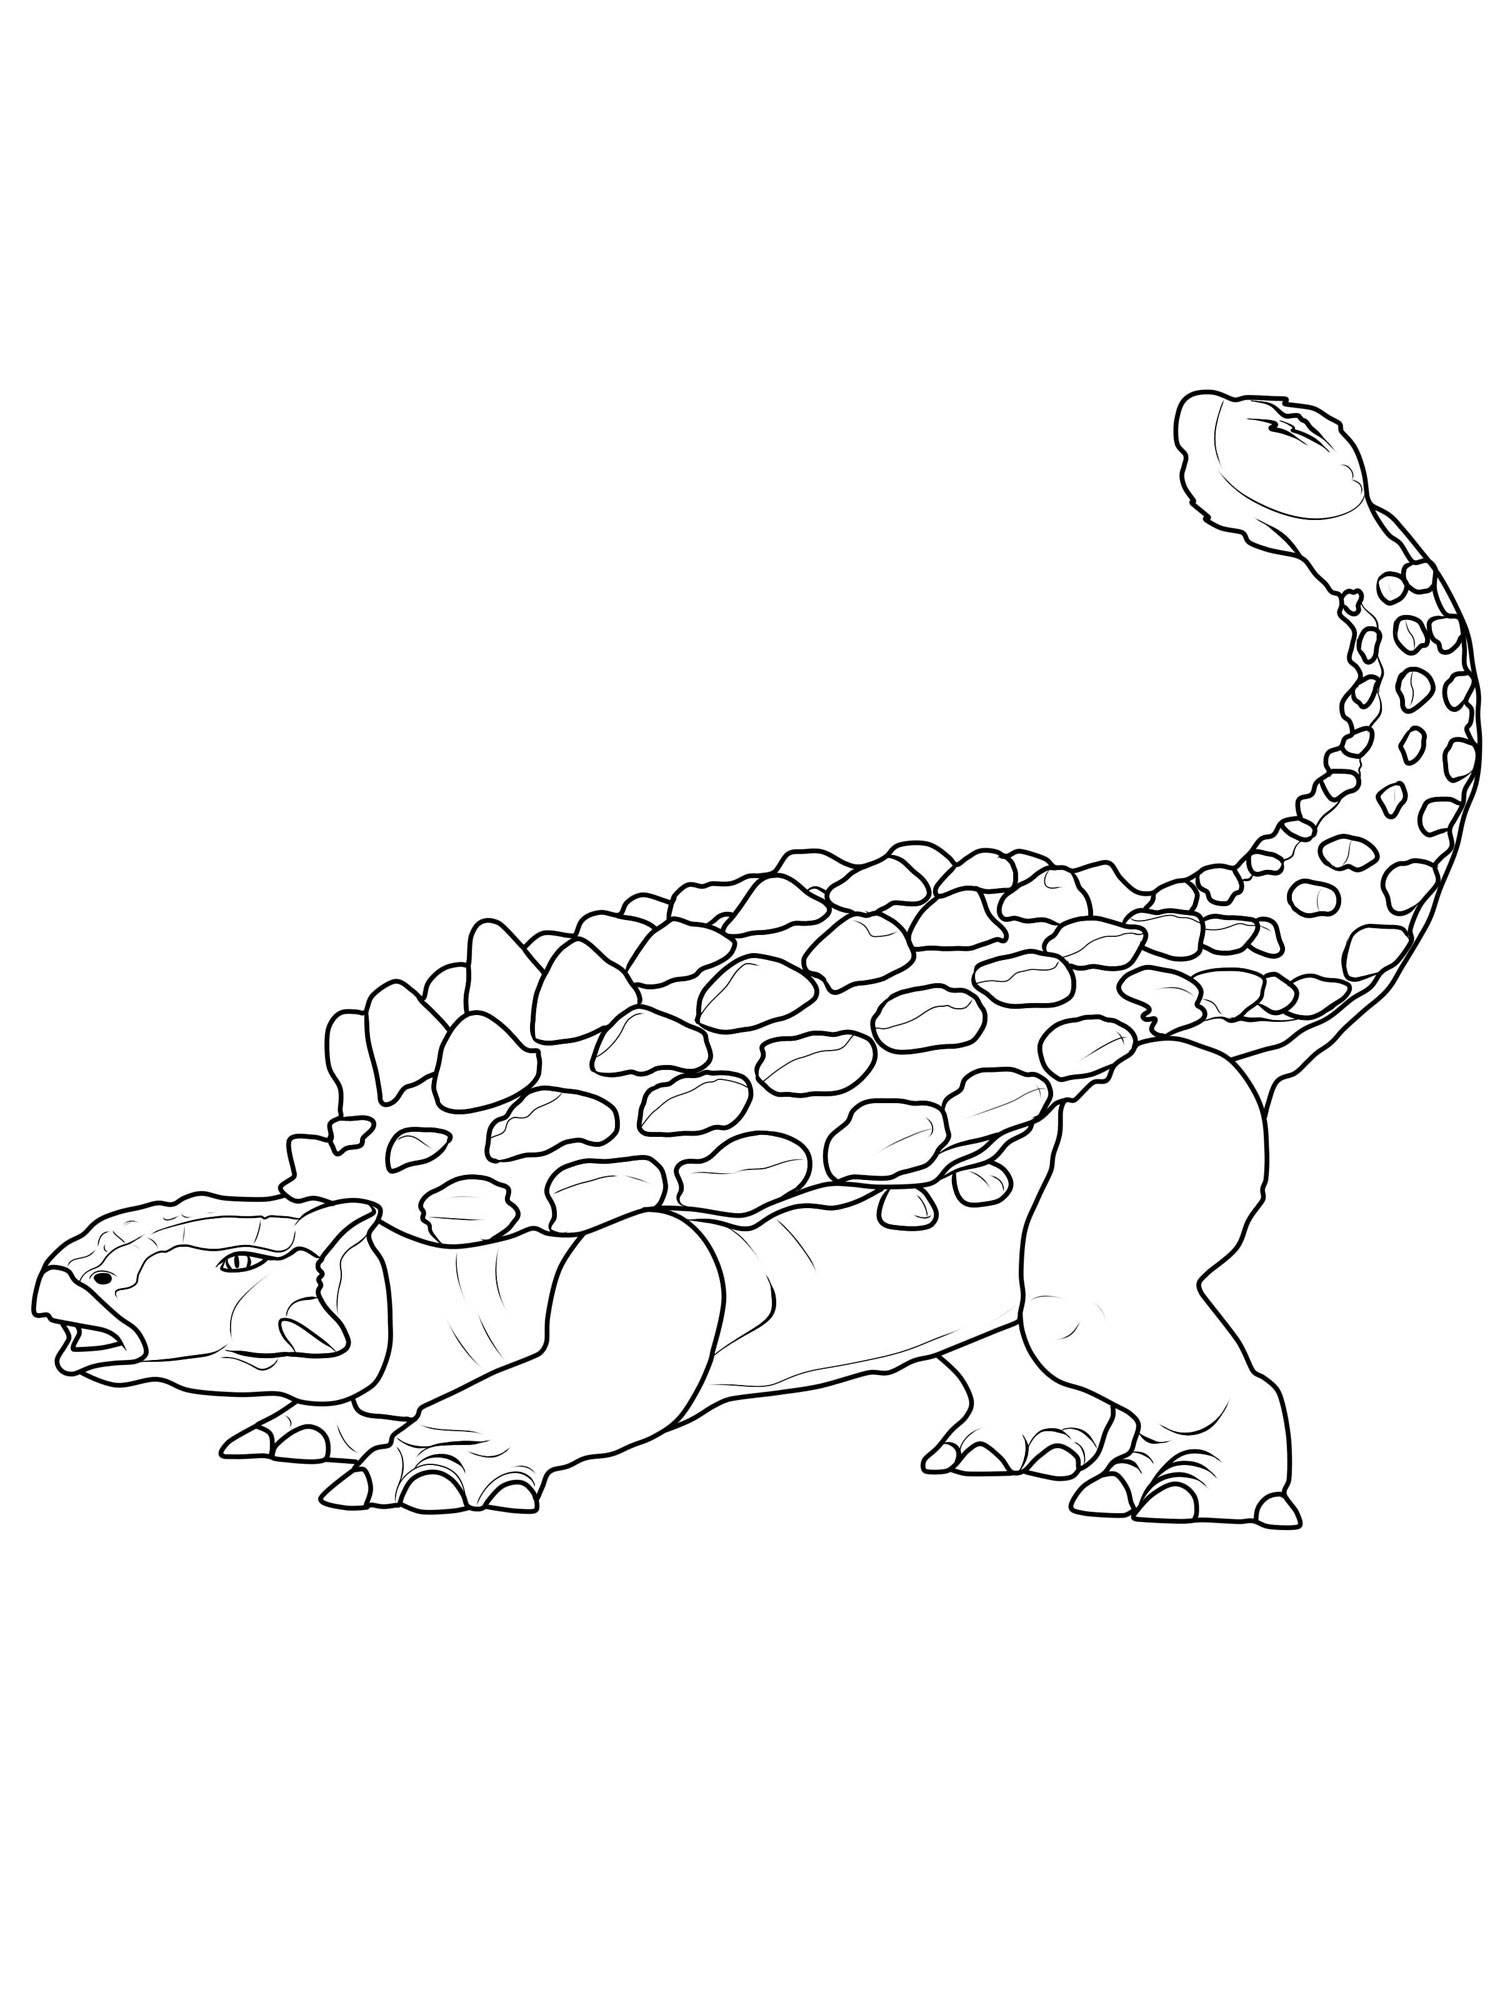 Ausmalbild Dinosaurier und Steinzeit Dinosaurier Ankylosaurus kostenlos ausdrucken